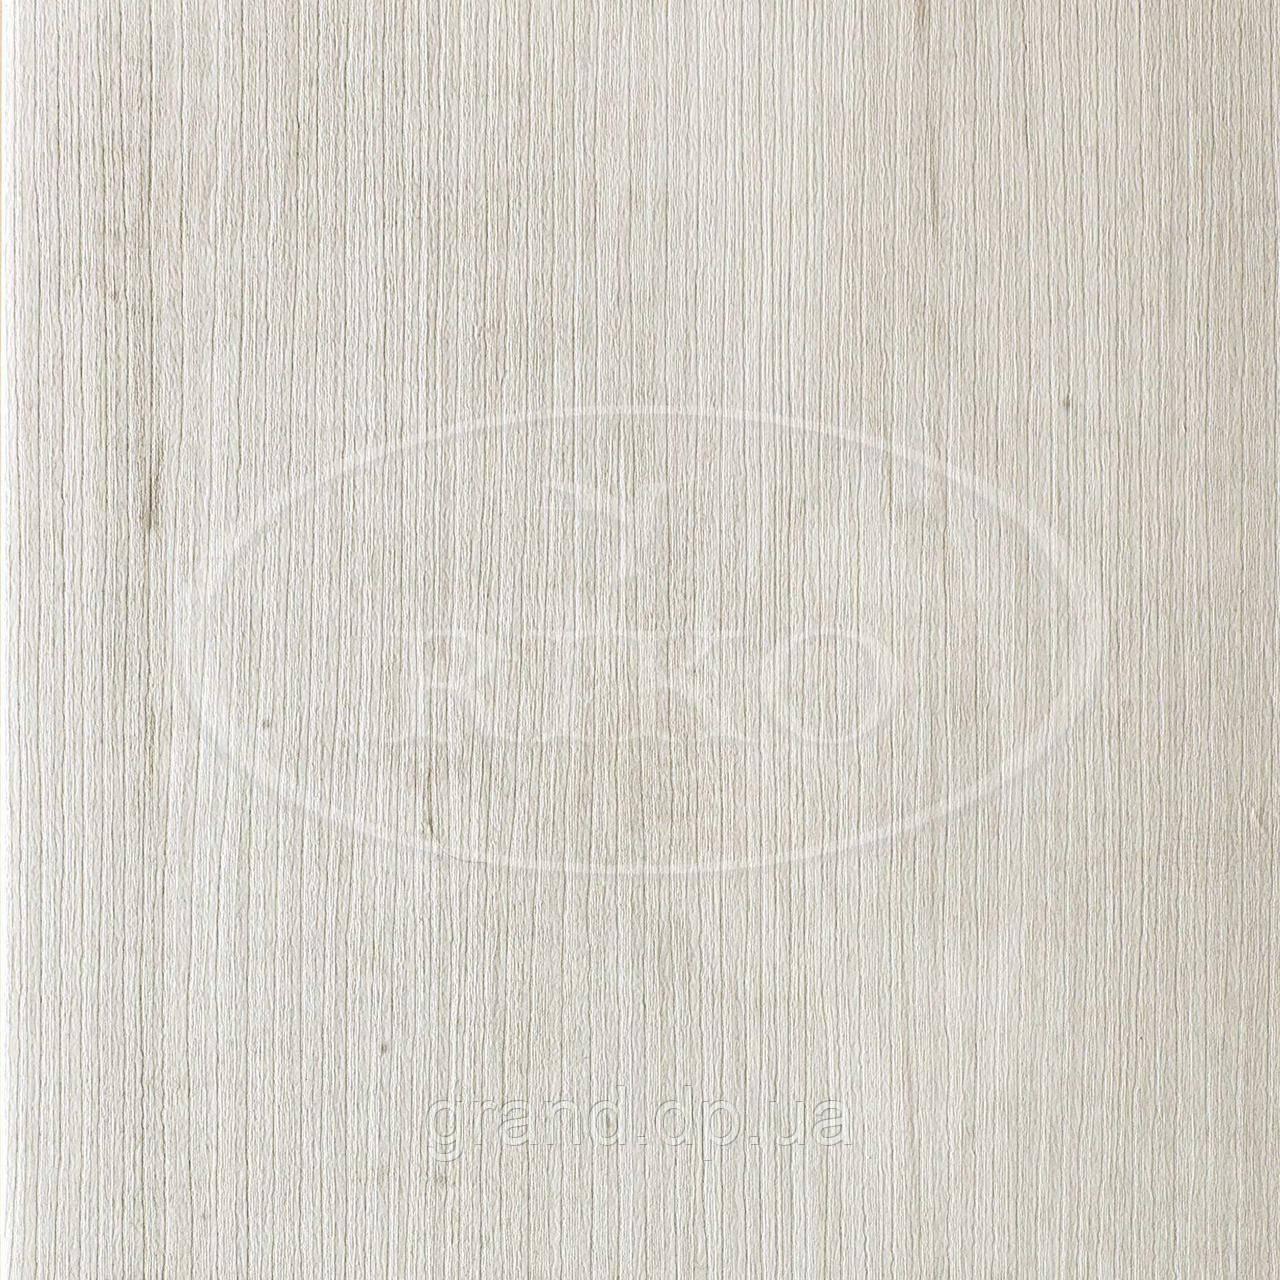 Пластиковые декоративные ламинированные бесшовные панели ПВХ Рико(Riko) 250*8*2700мм Аризона